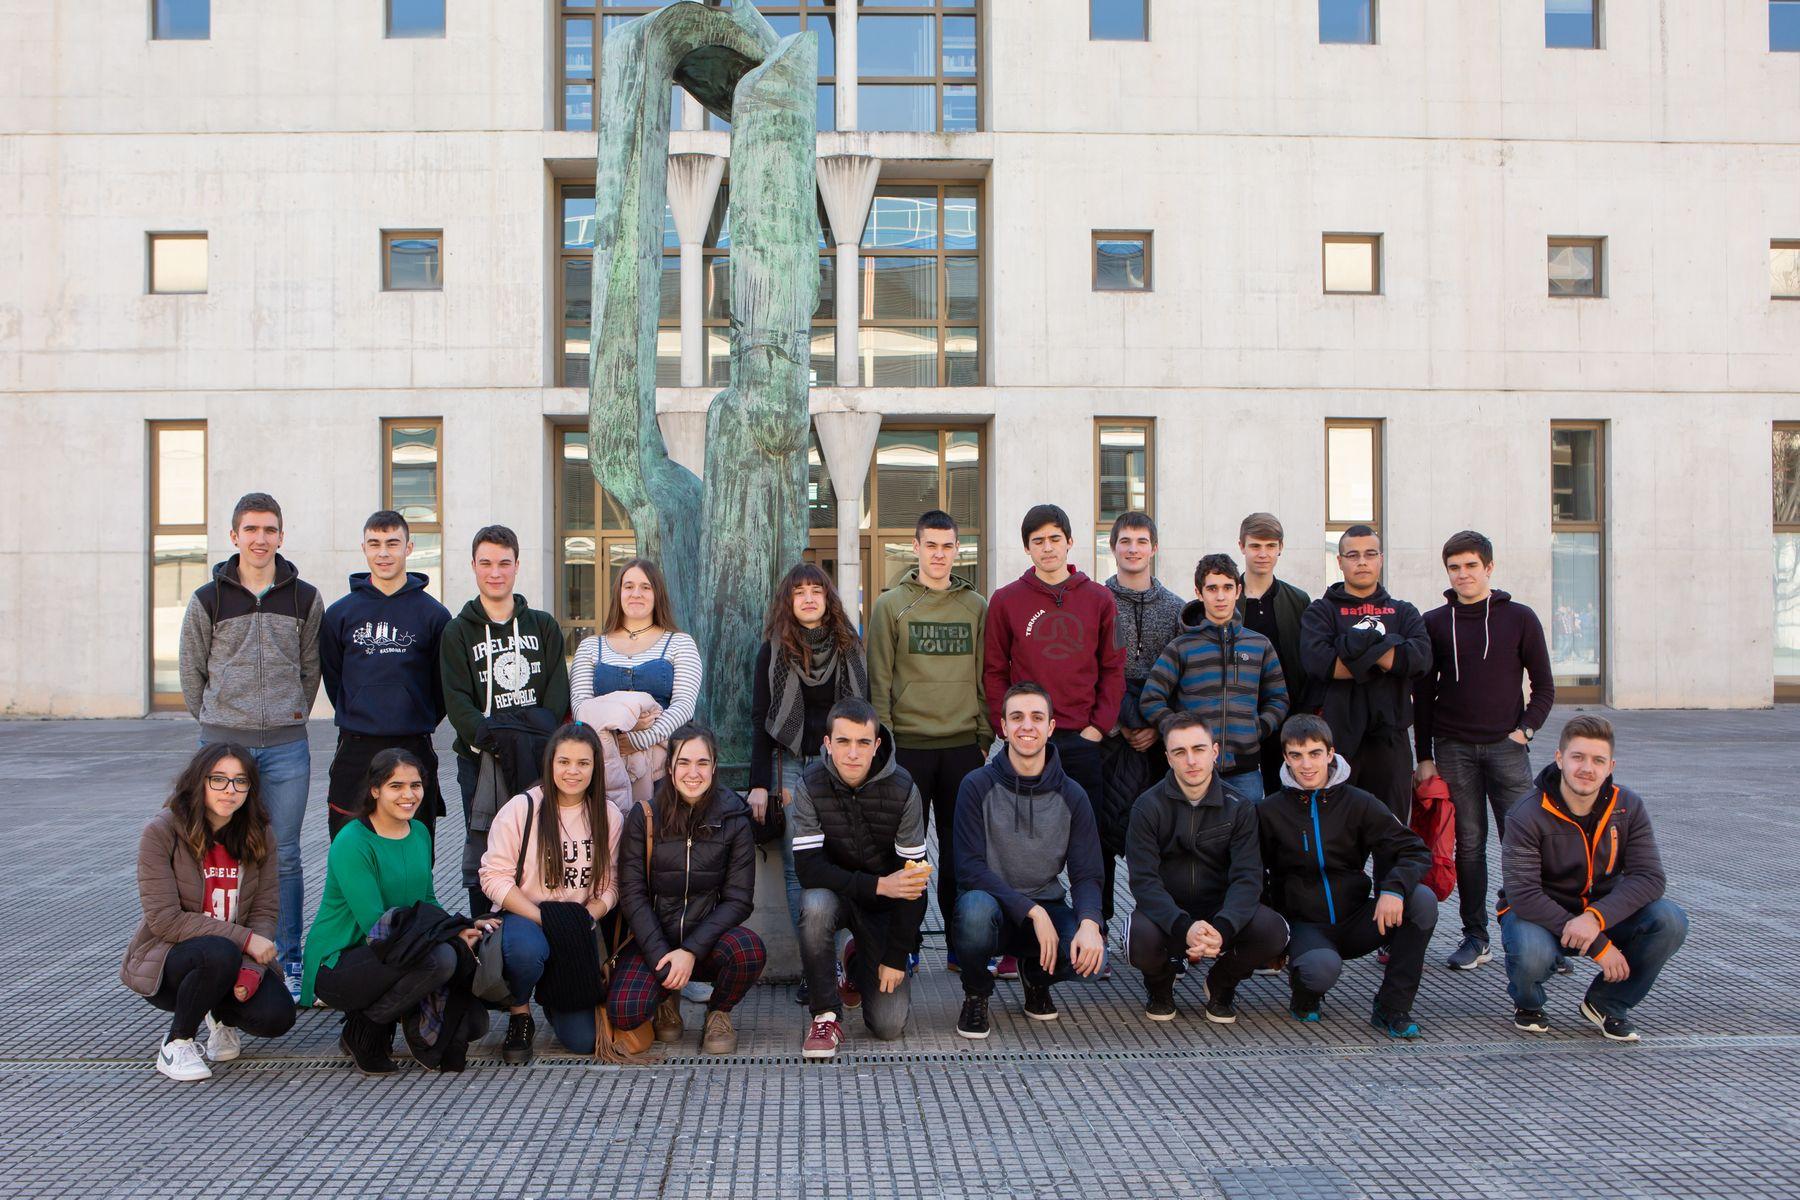 Una parte de los estudiantes del IES Altsasu, posando en el campus de Arrosadia de la UPNA.